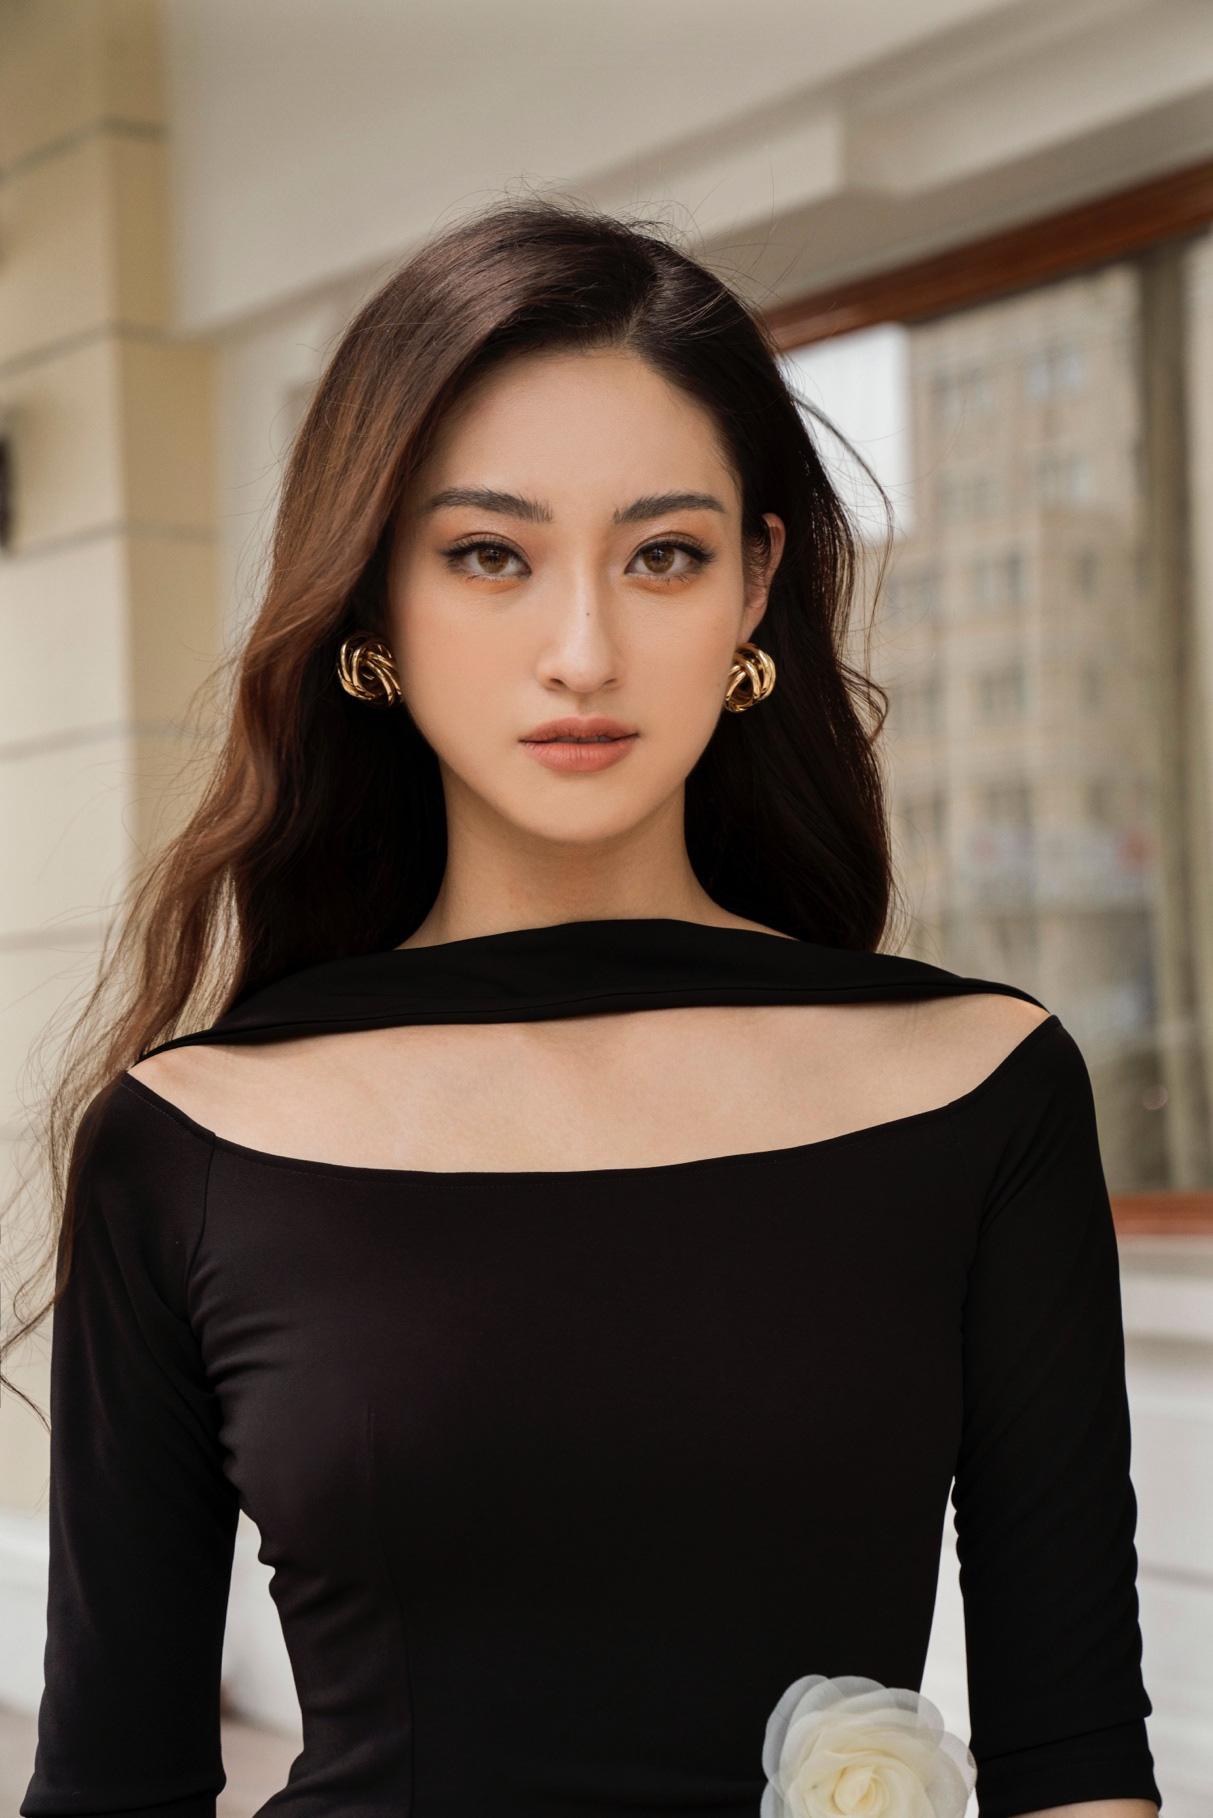 Tỏa sáng tiệc cuối năm, hội chị em nên học ngay bí kíp dress up của Hoa hậu Lương Thùy Linh - Ảnh 1.